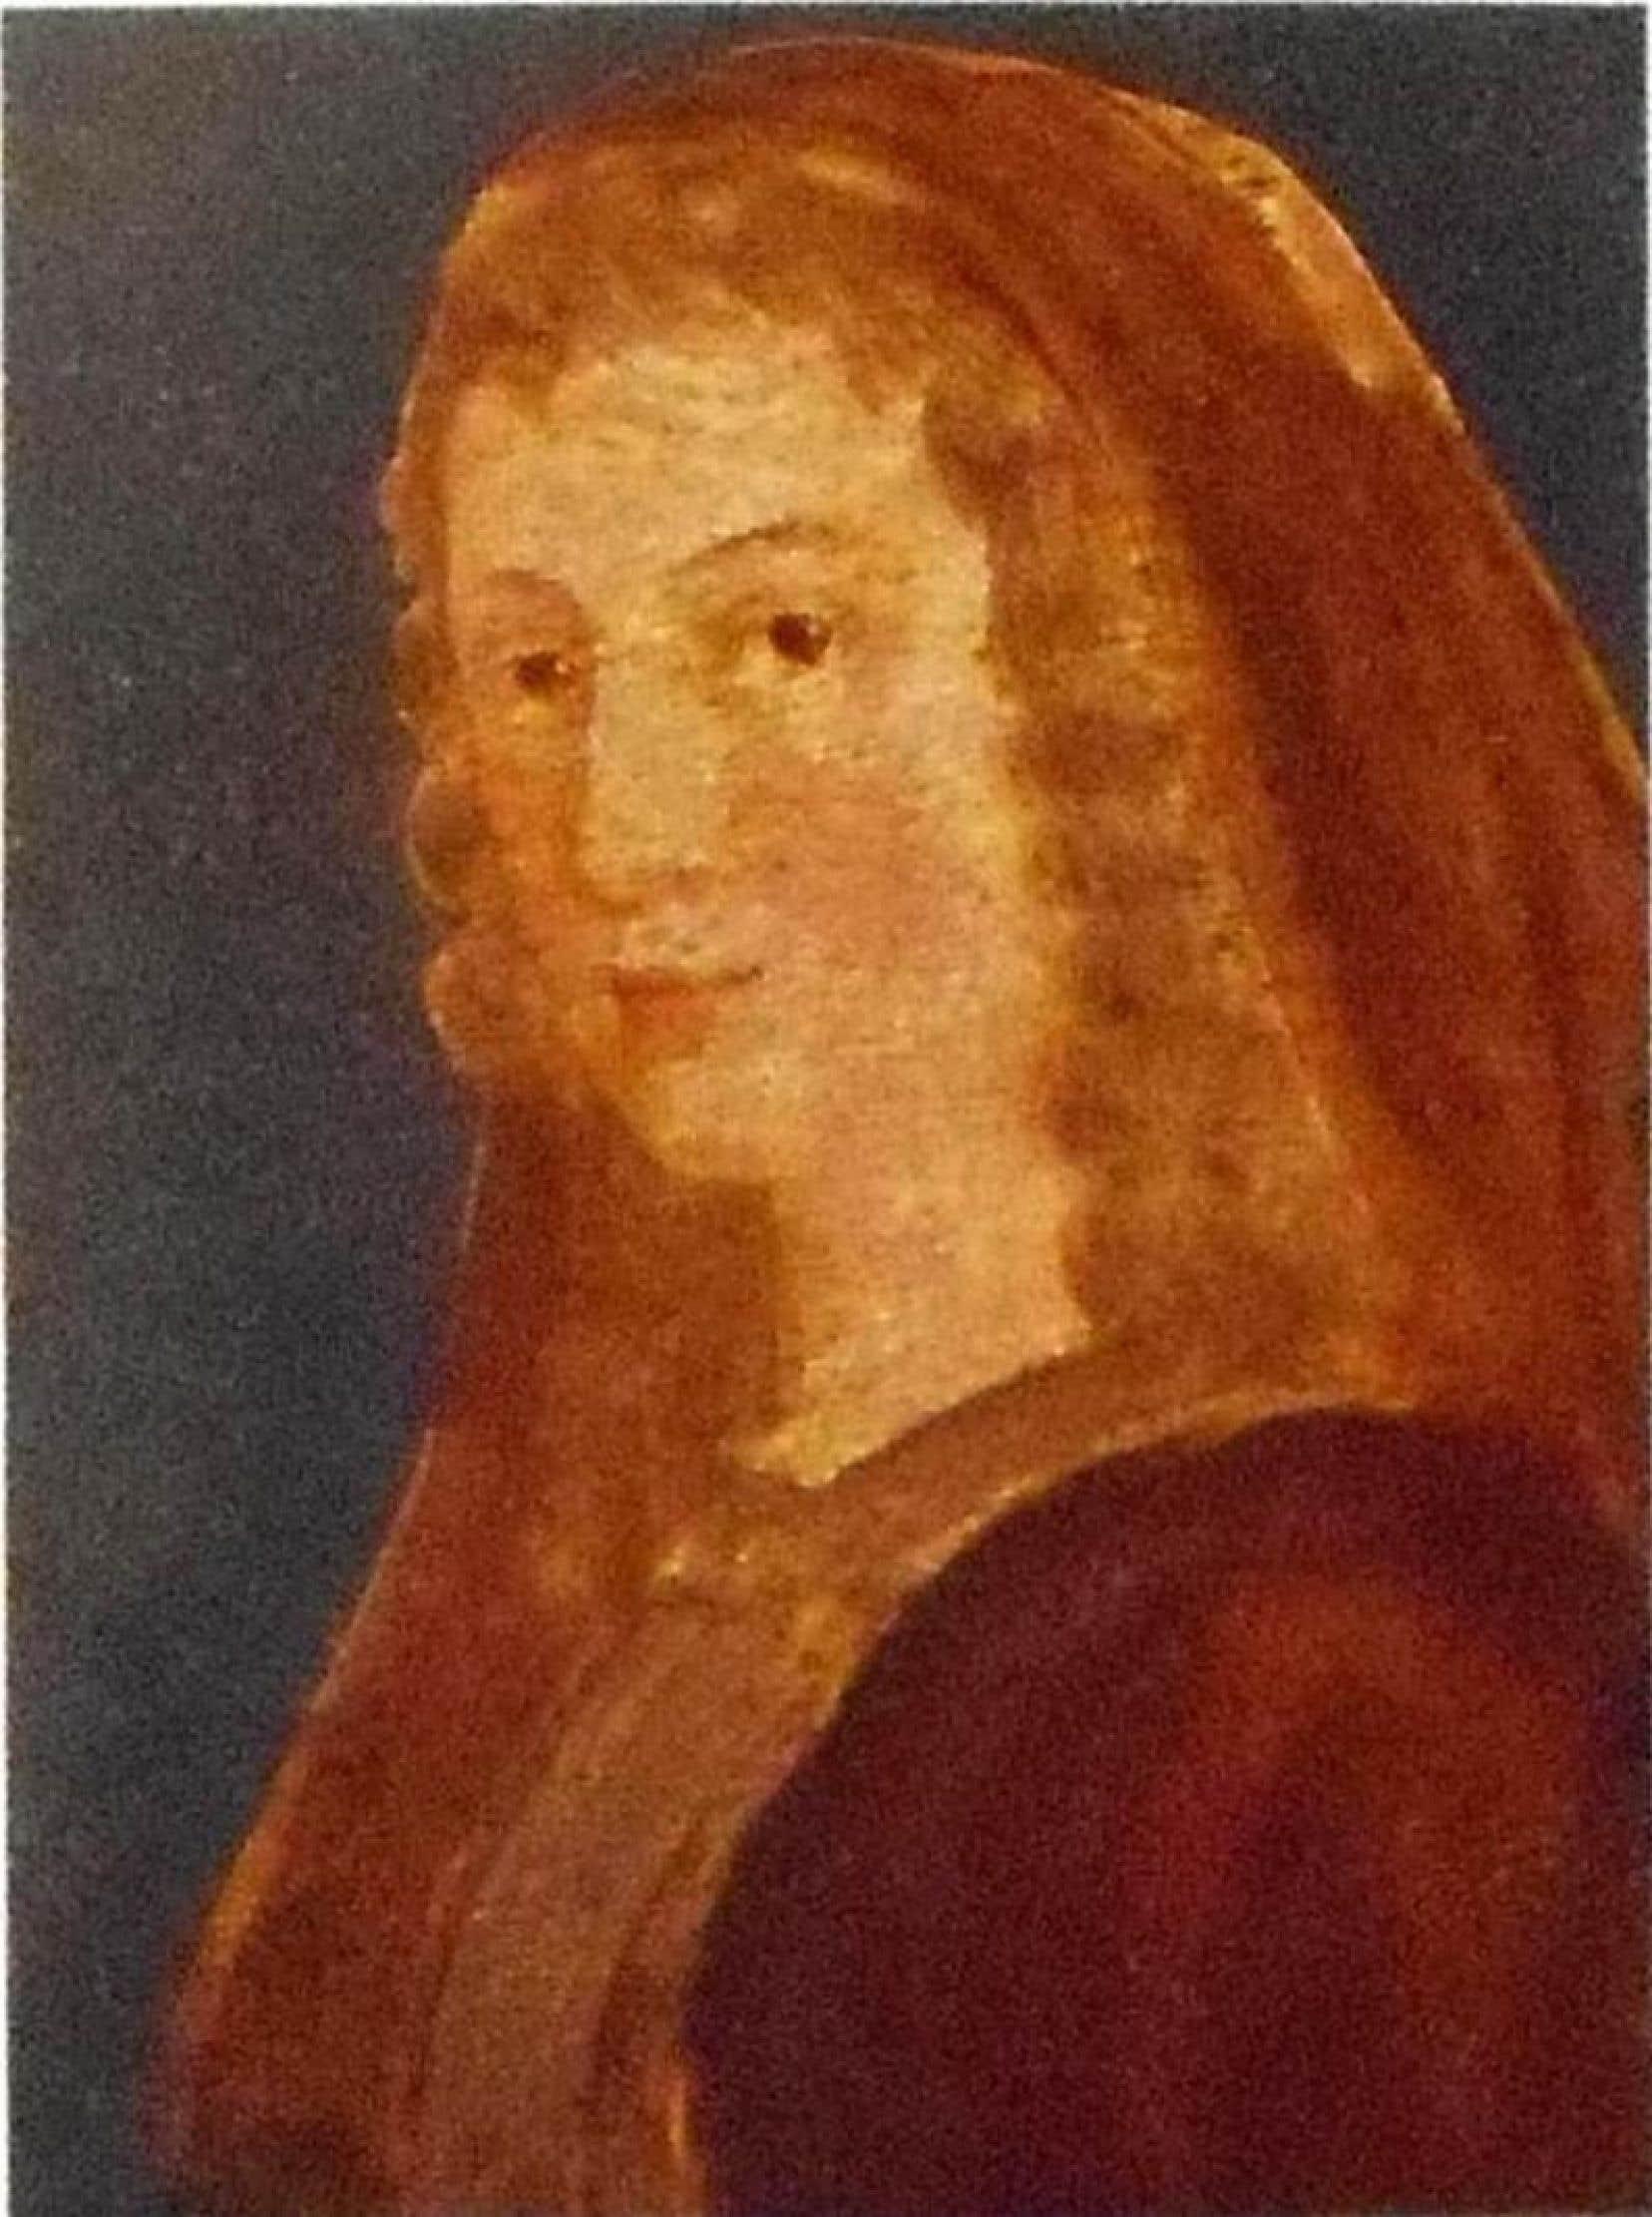 Au moment de la fondation de Montréal, on trouve partout des femmes comme Jeanne Mance qui s'élancent seules vers l'Amérique.